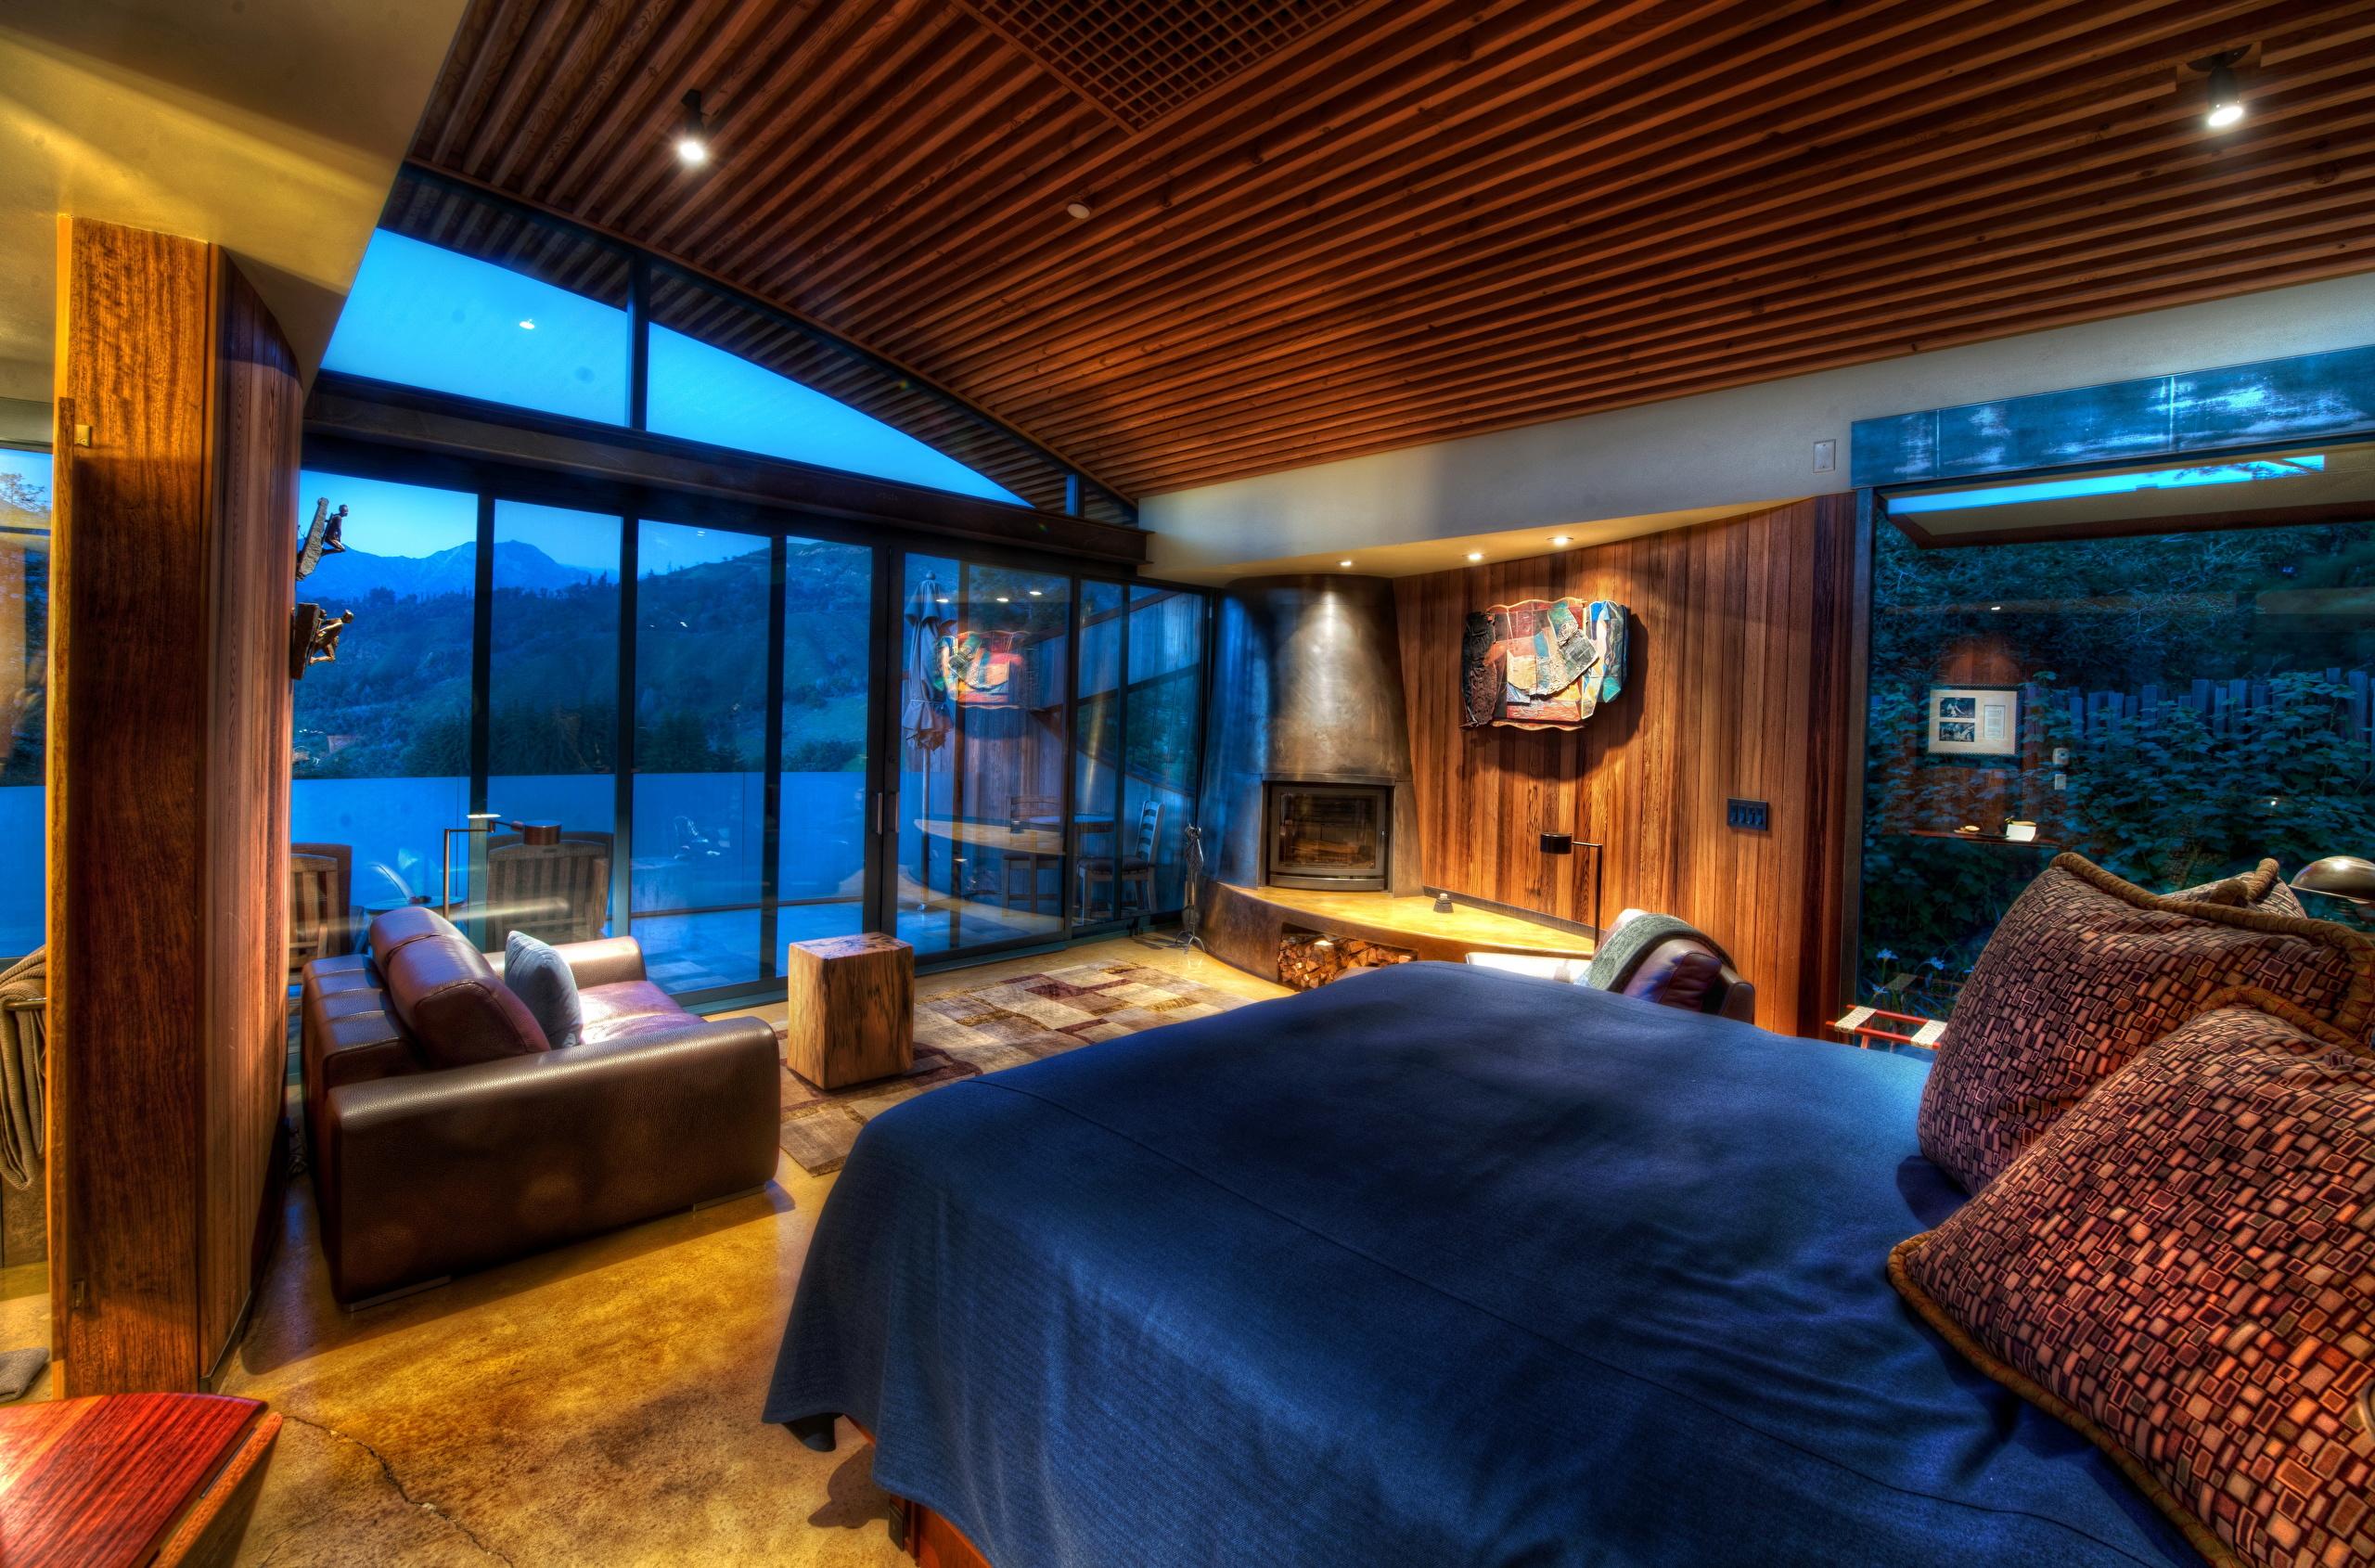 Интерьер спальня комната кровать  № 3537266 загрузить